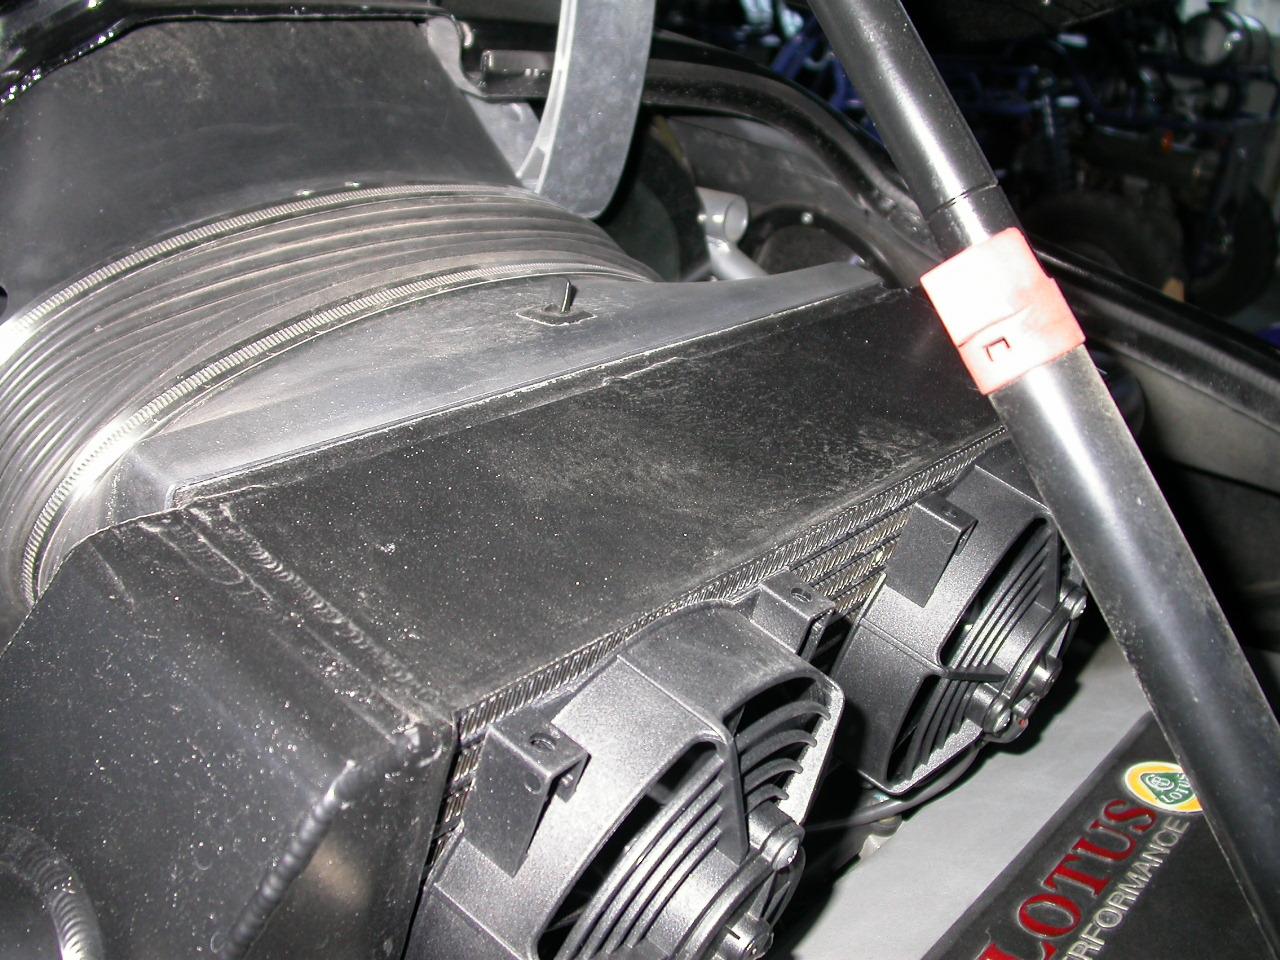 Intercooler maggiorato 86969d1217385860-2007-exige-s-intercooler-air-flow-study-dscn2411